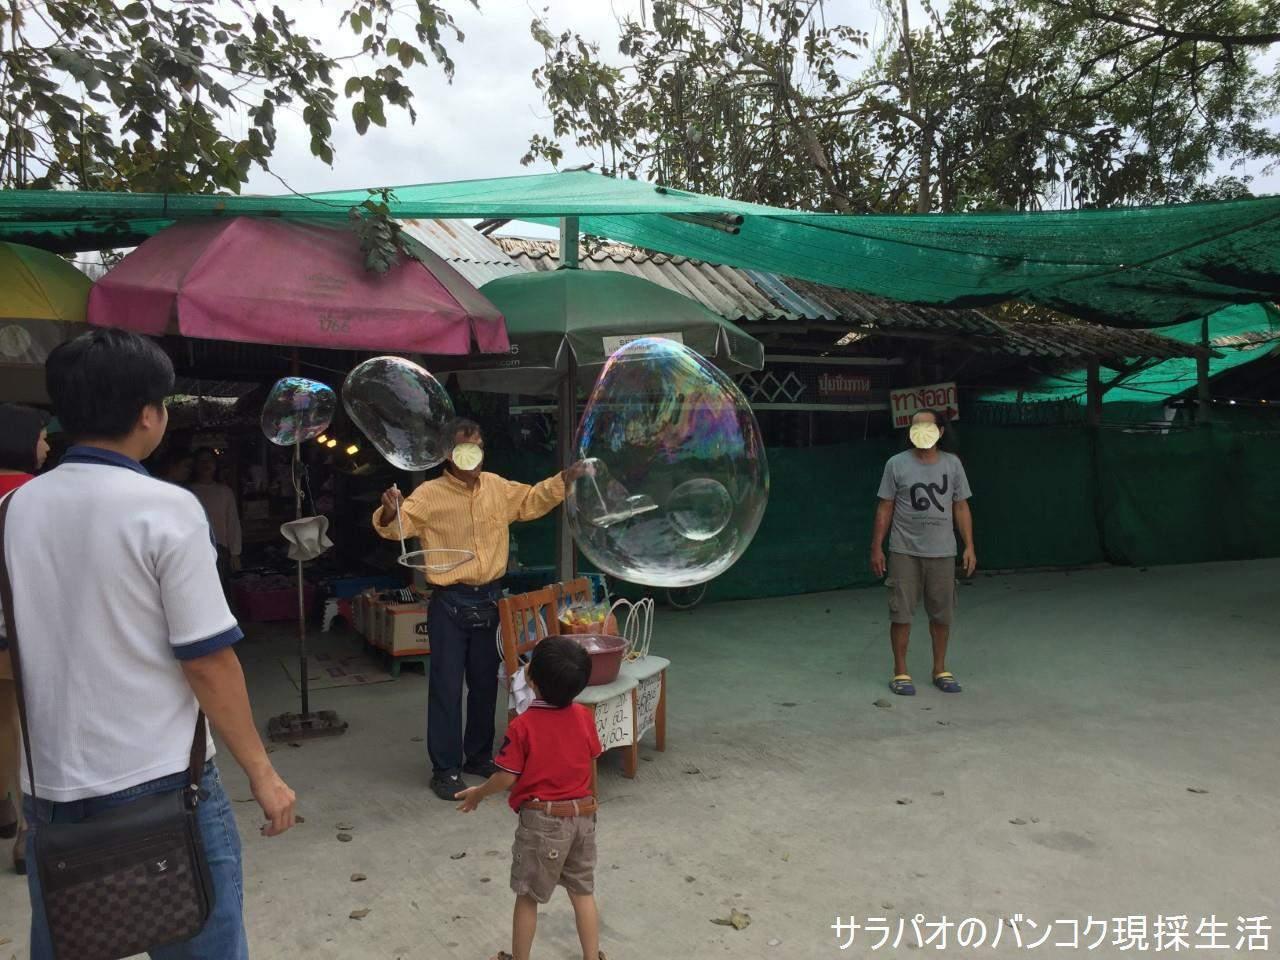 KhlongLatMaYomFloatingMarket_08.jpg